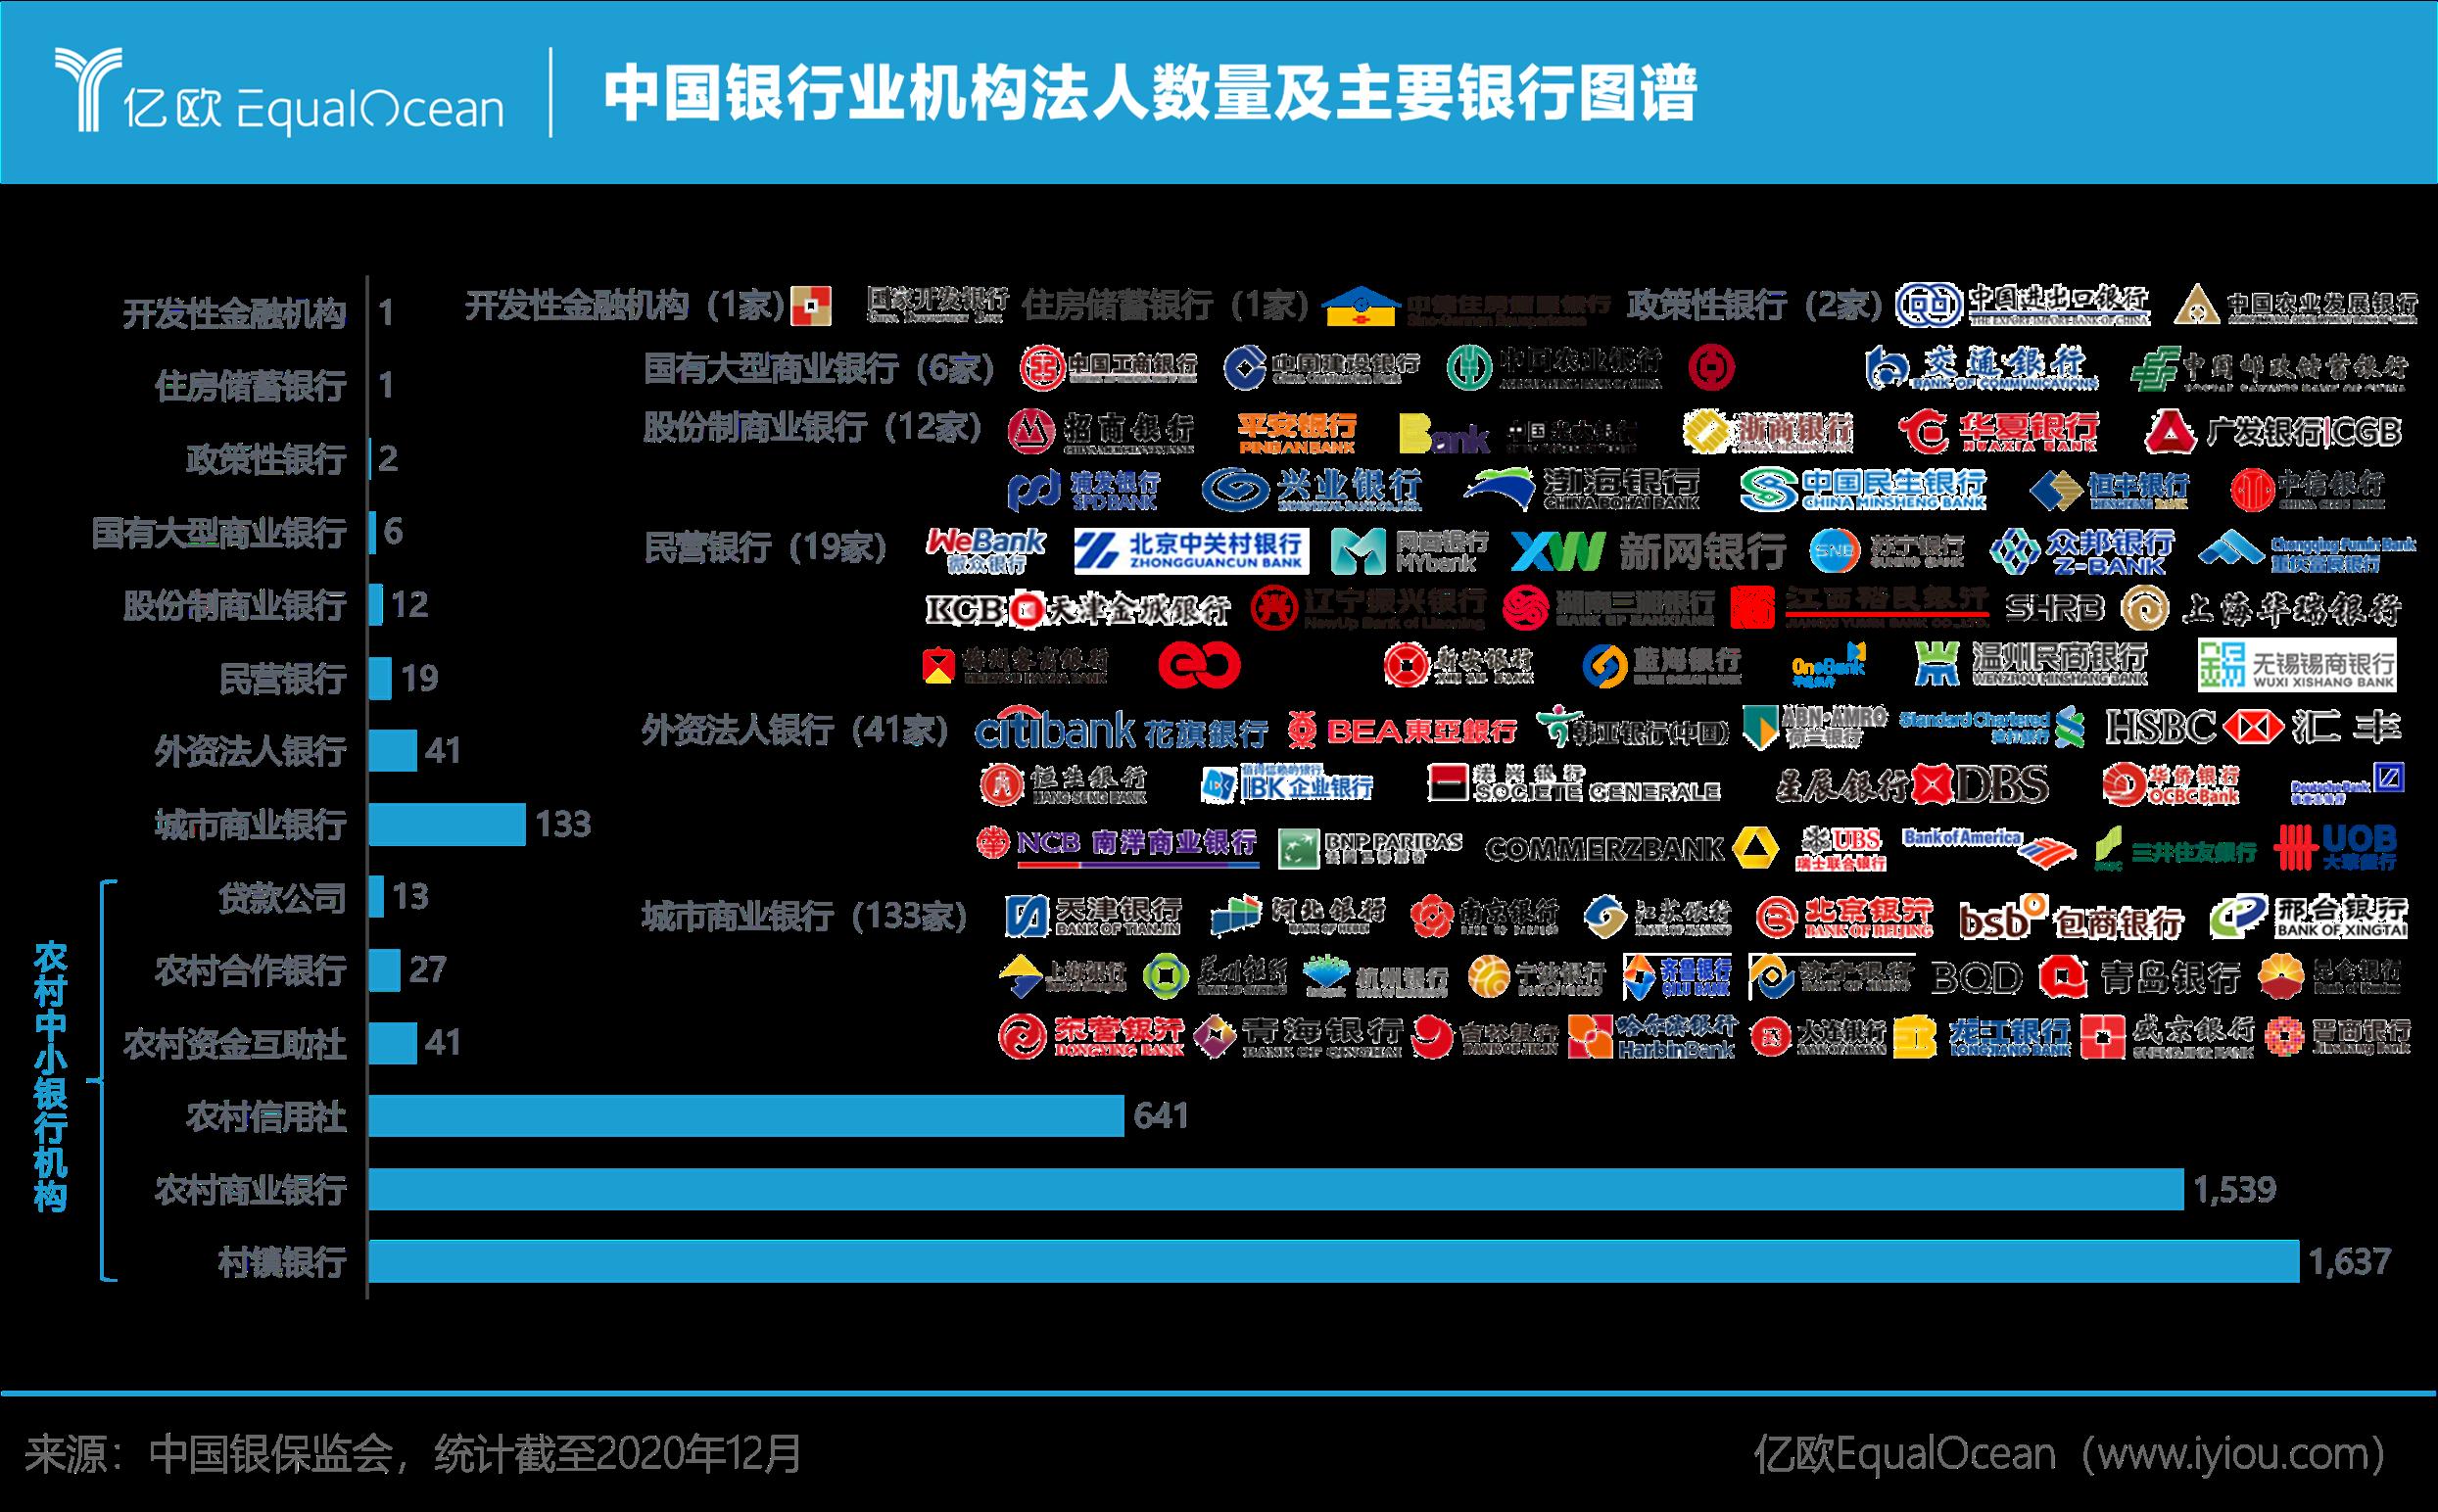 亿欧智库:中国银行业机构法人数量及主要银行图谱